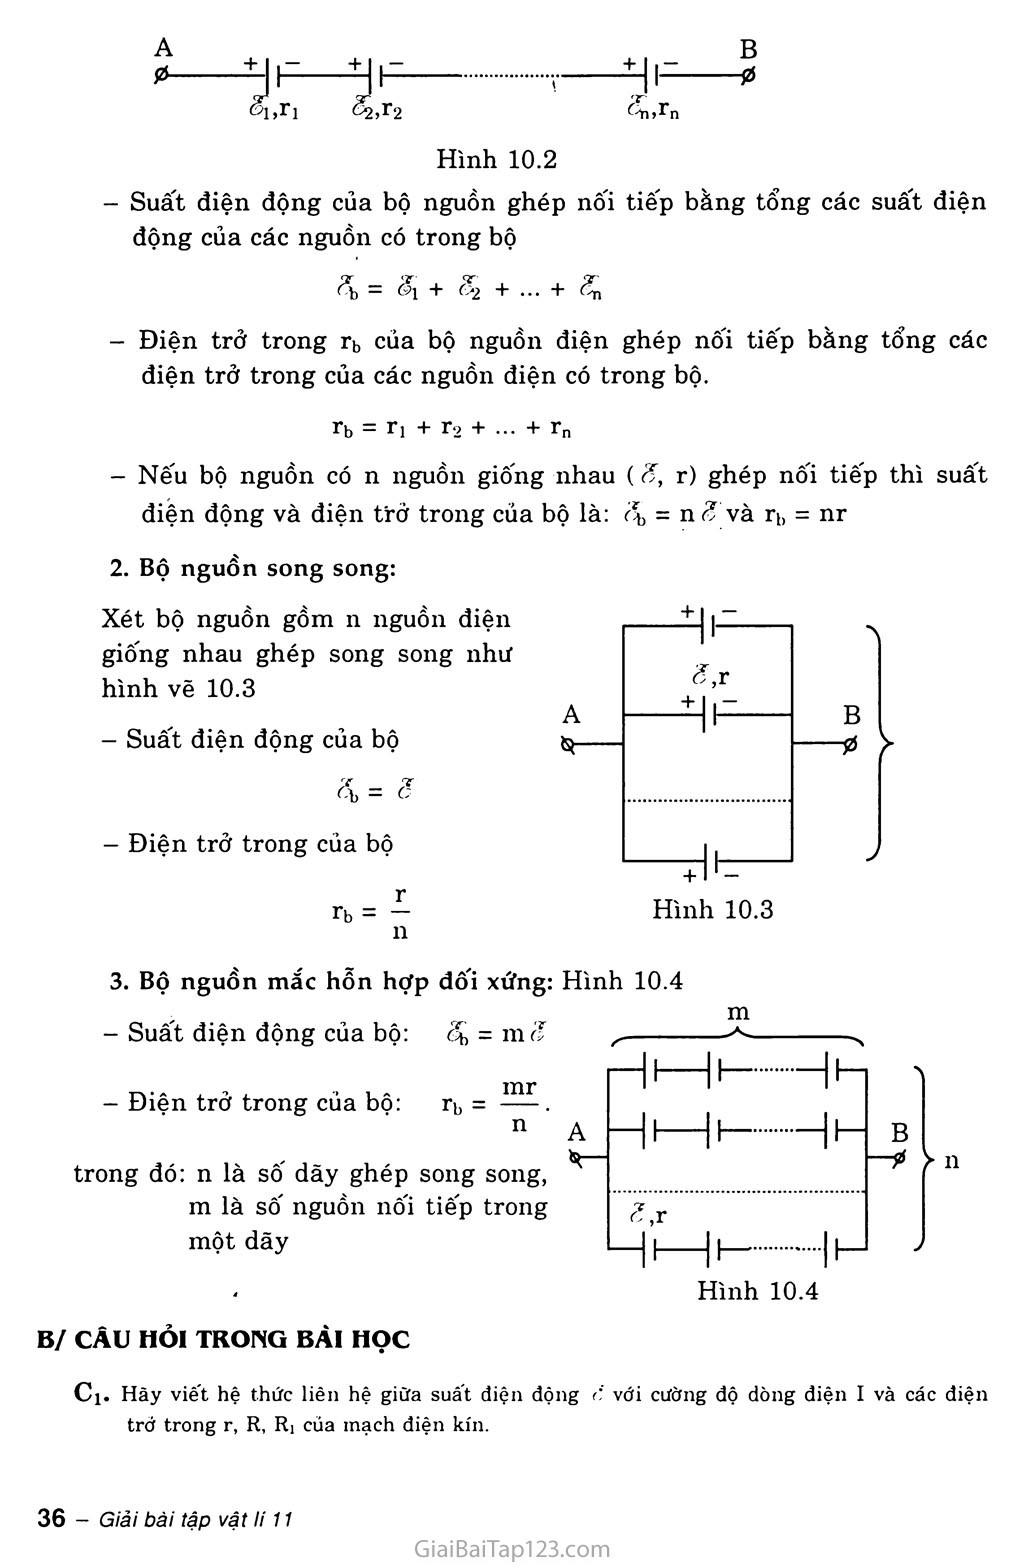 Bài 10: Ghép các nguồn điện thành bộ trang 2